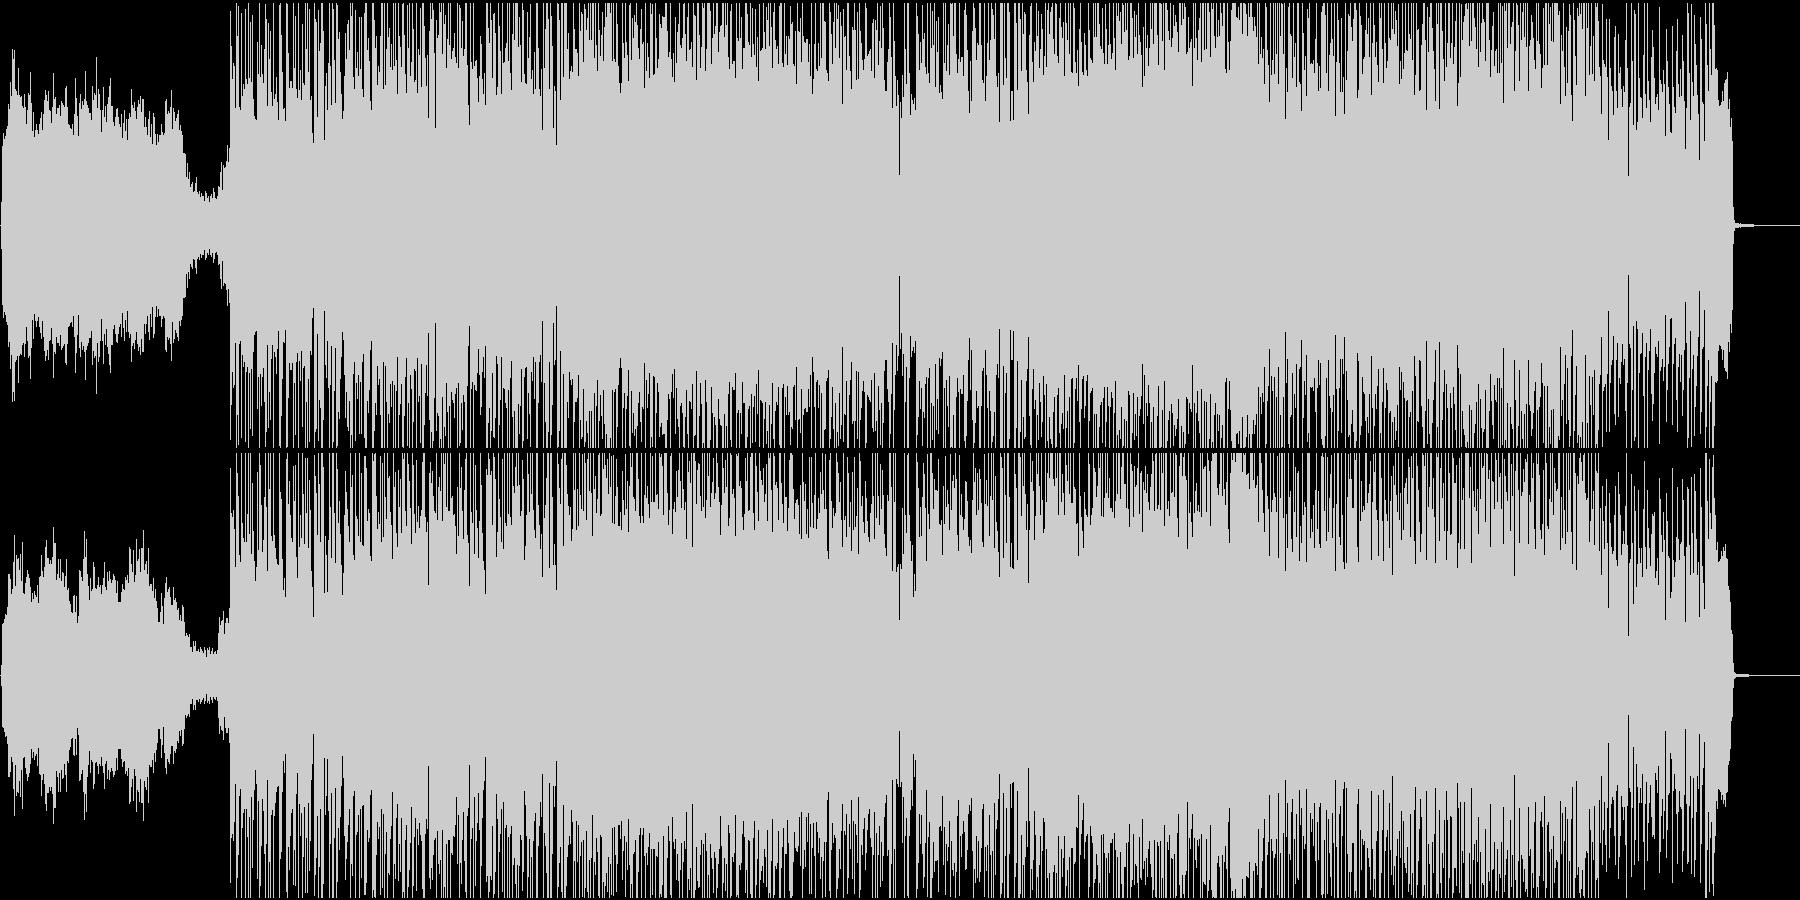 ロックでファンキーな曲の未再生の波形